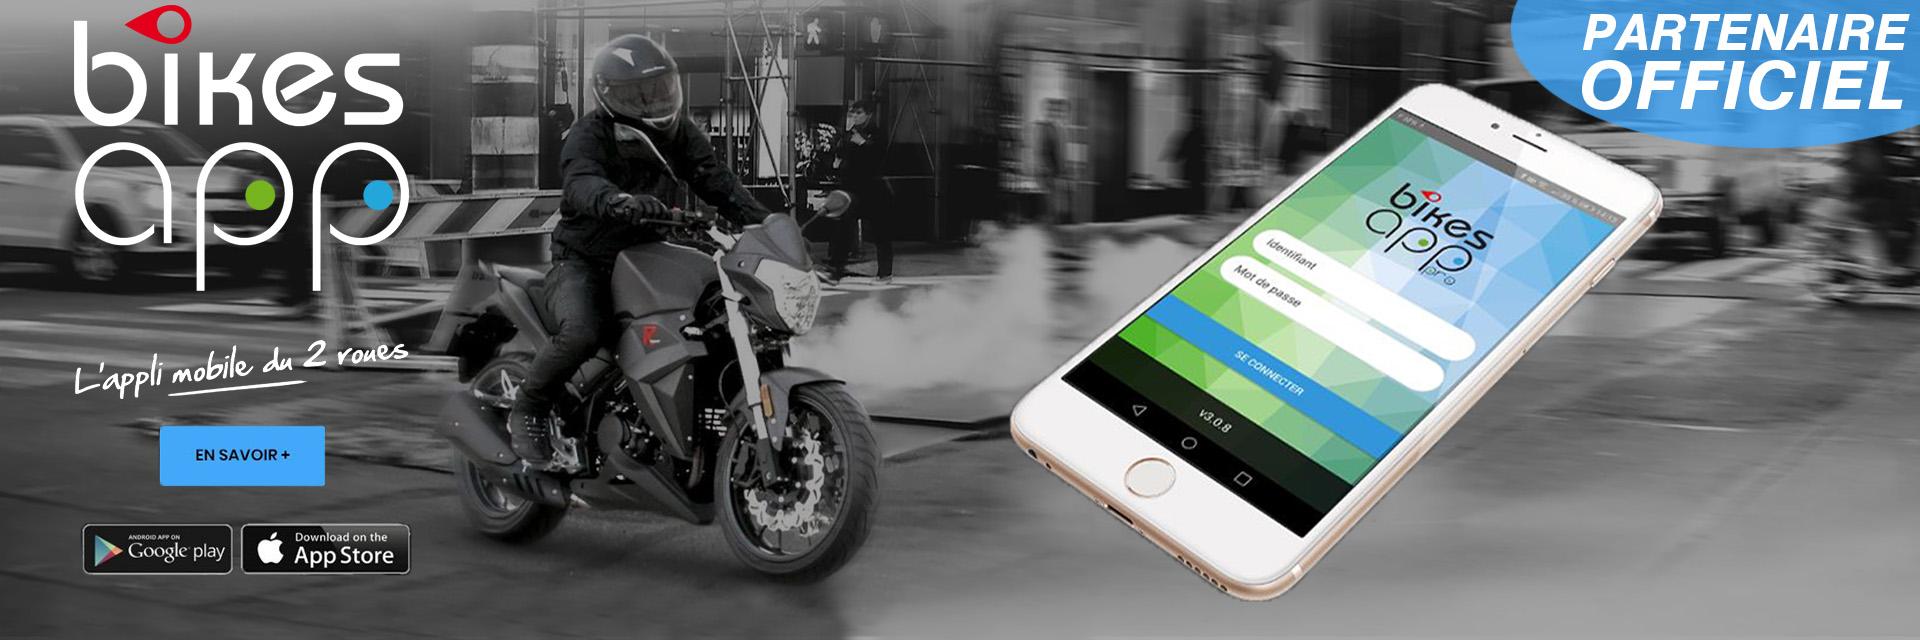 Magpower, spécialiste motos 50cm3 et motos 125cm3